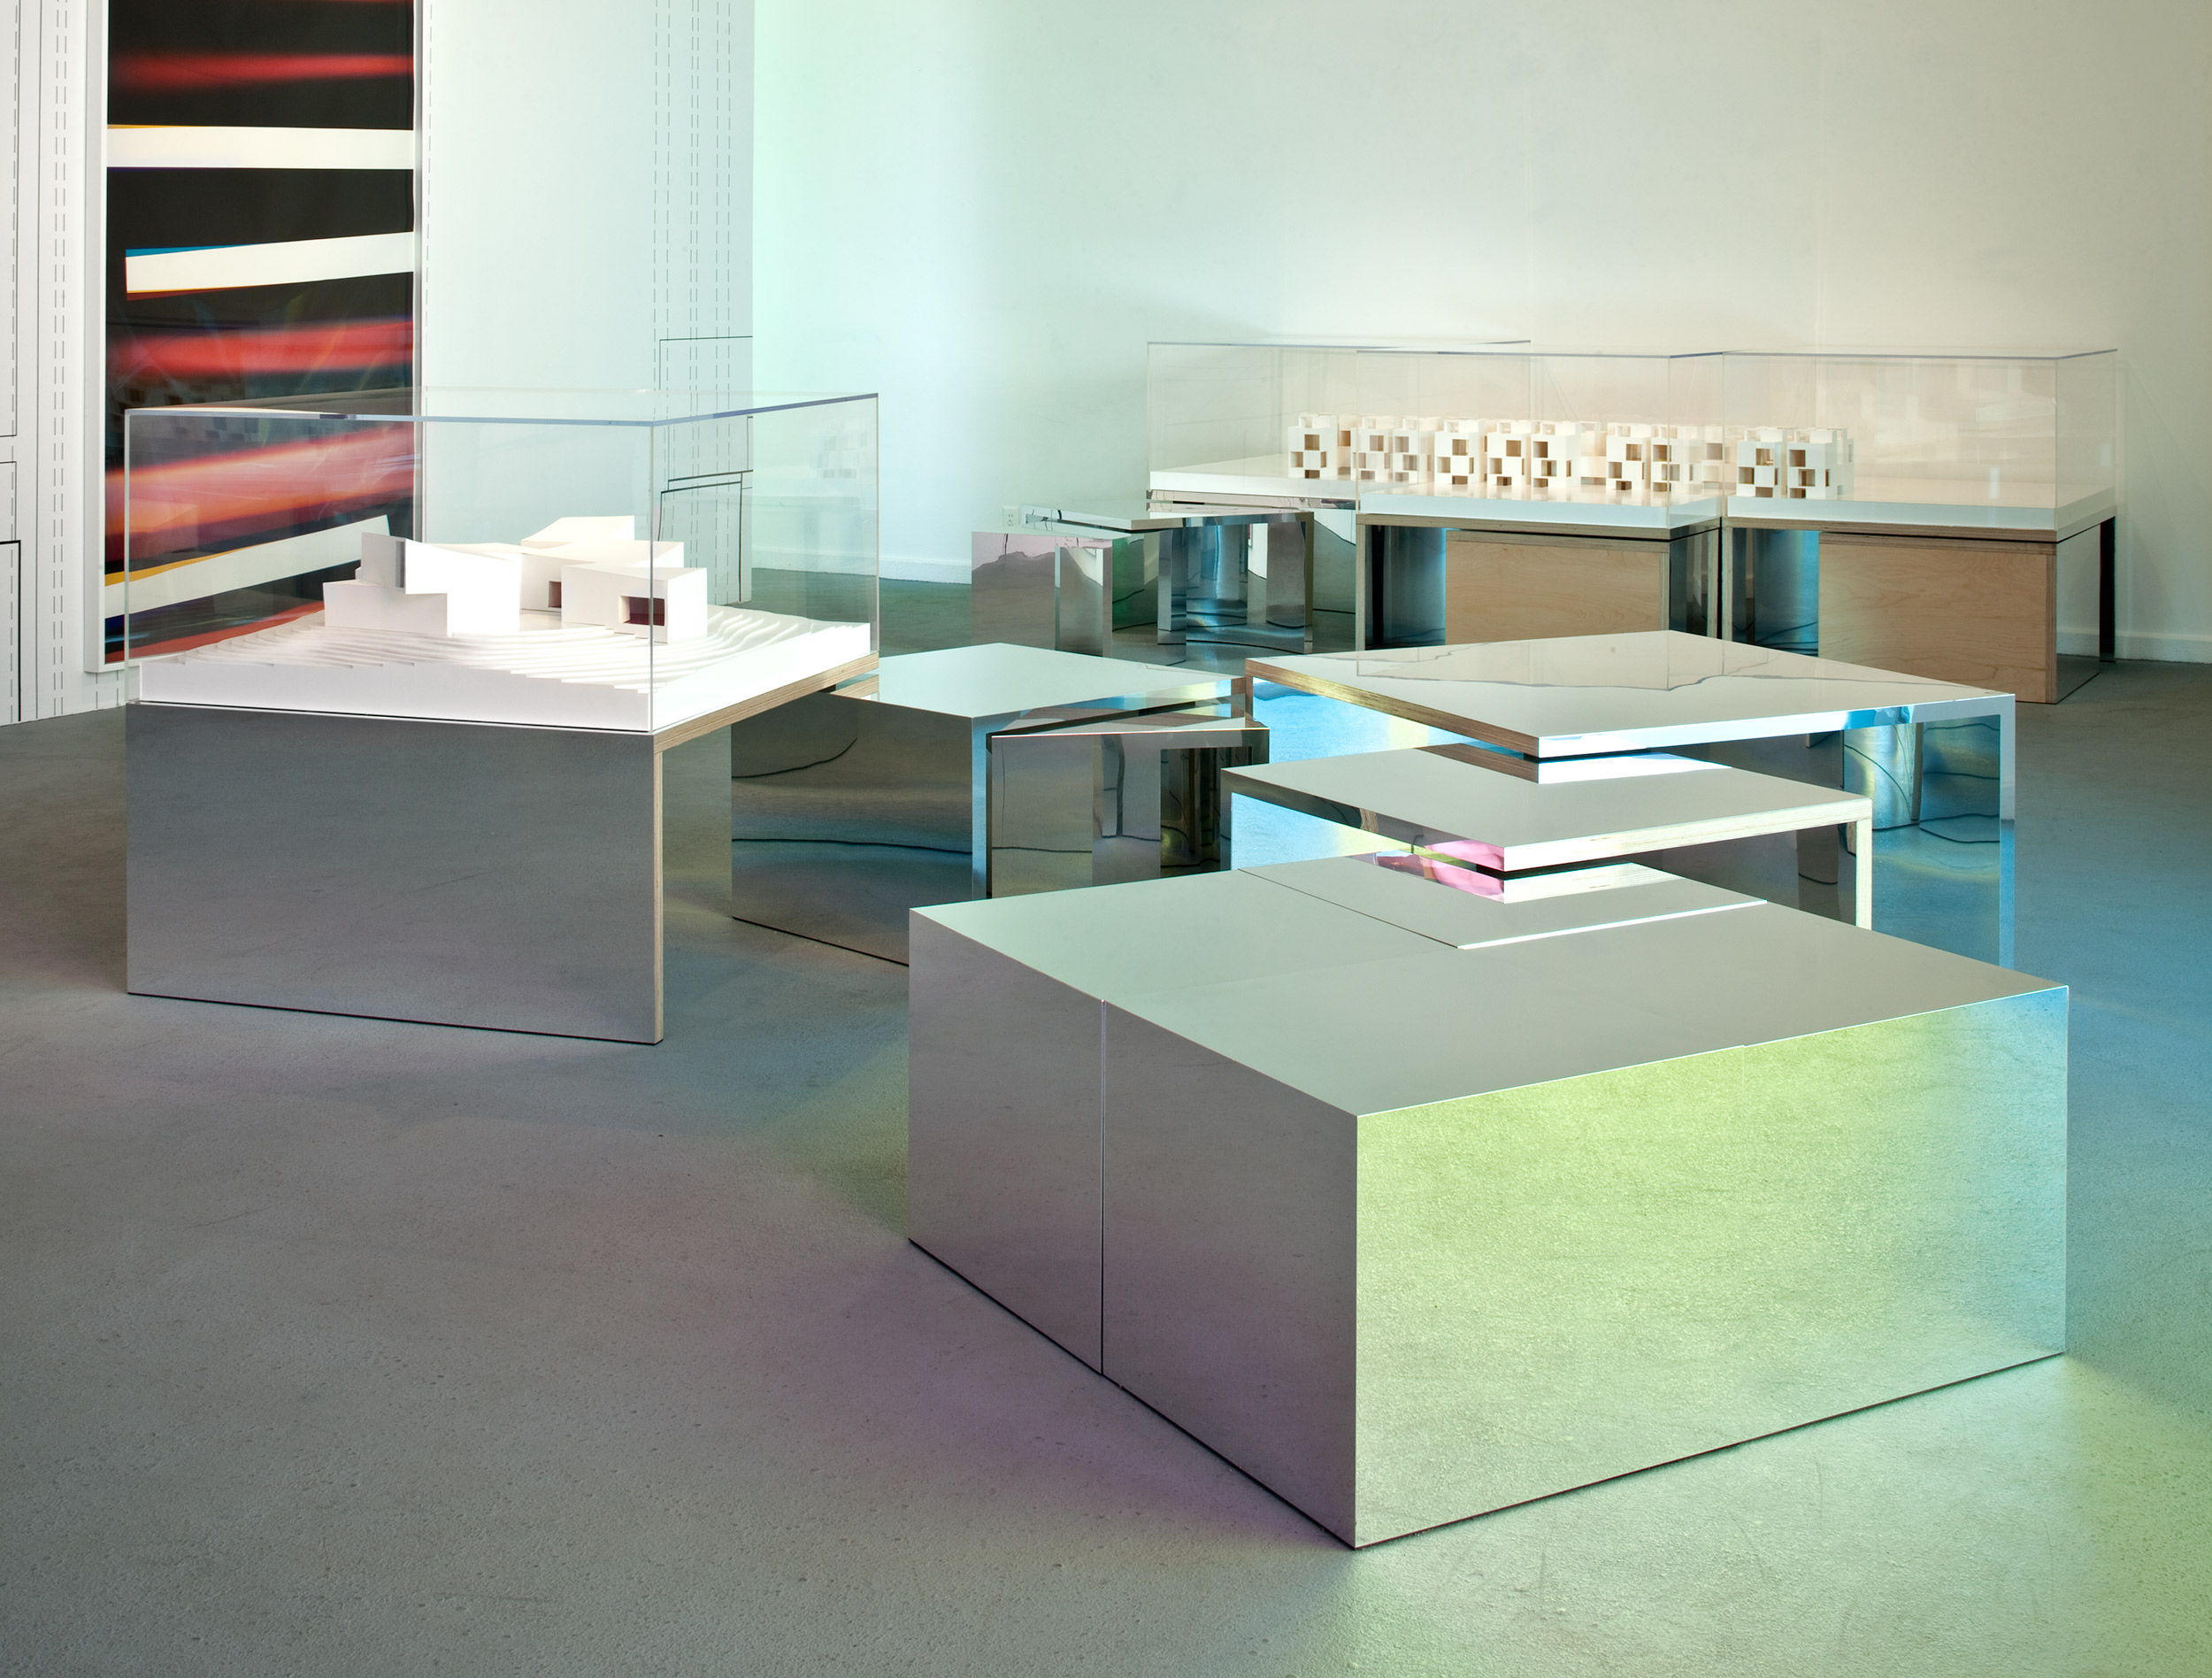 Later Layer   With Johnston Marklee Architects  Istituto Italiana di Cultura  Los Angeles  California  2010